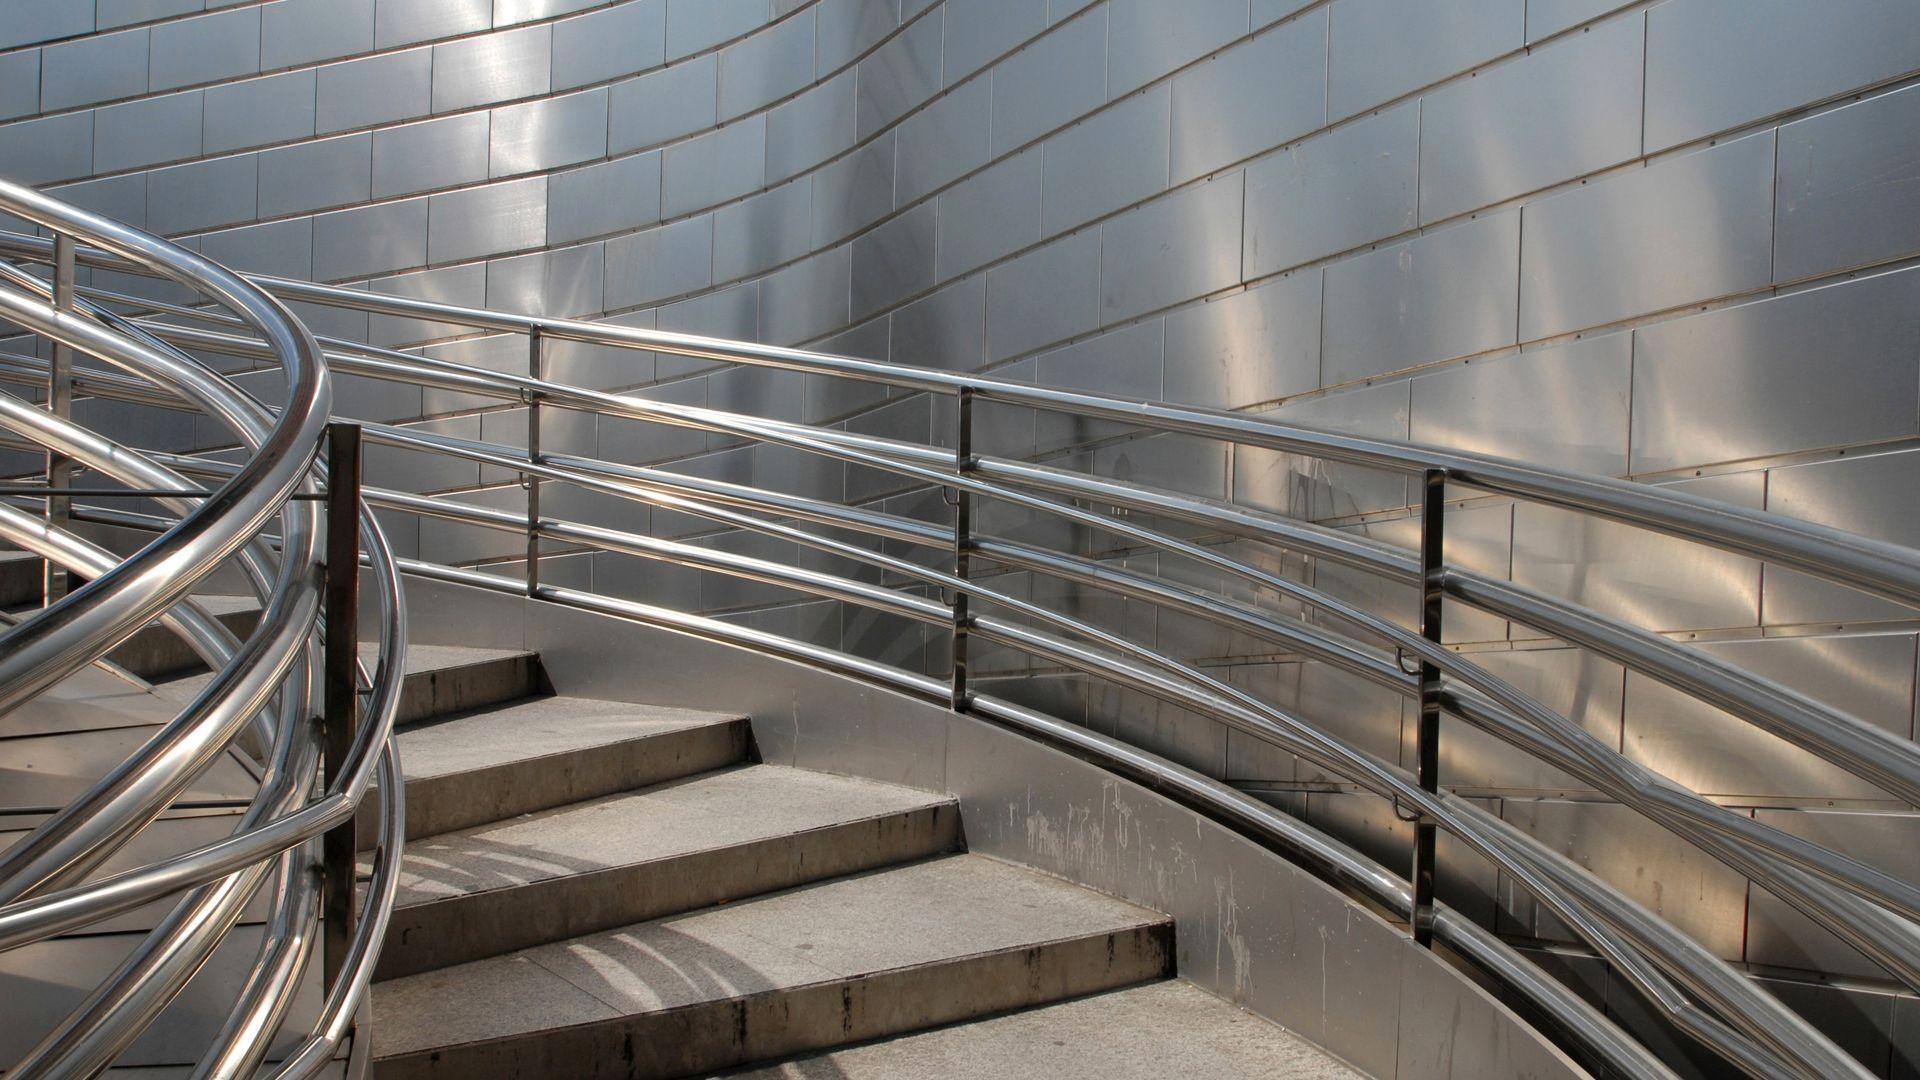 Fábrica de barandillas de acero inoxidable en Zaragoza